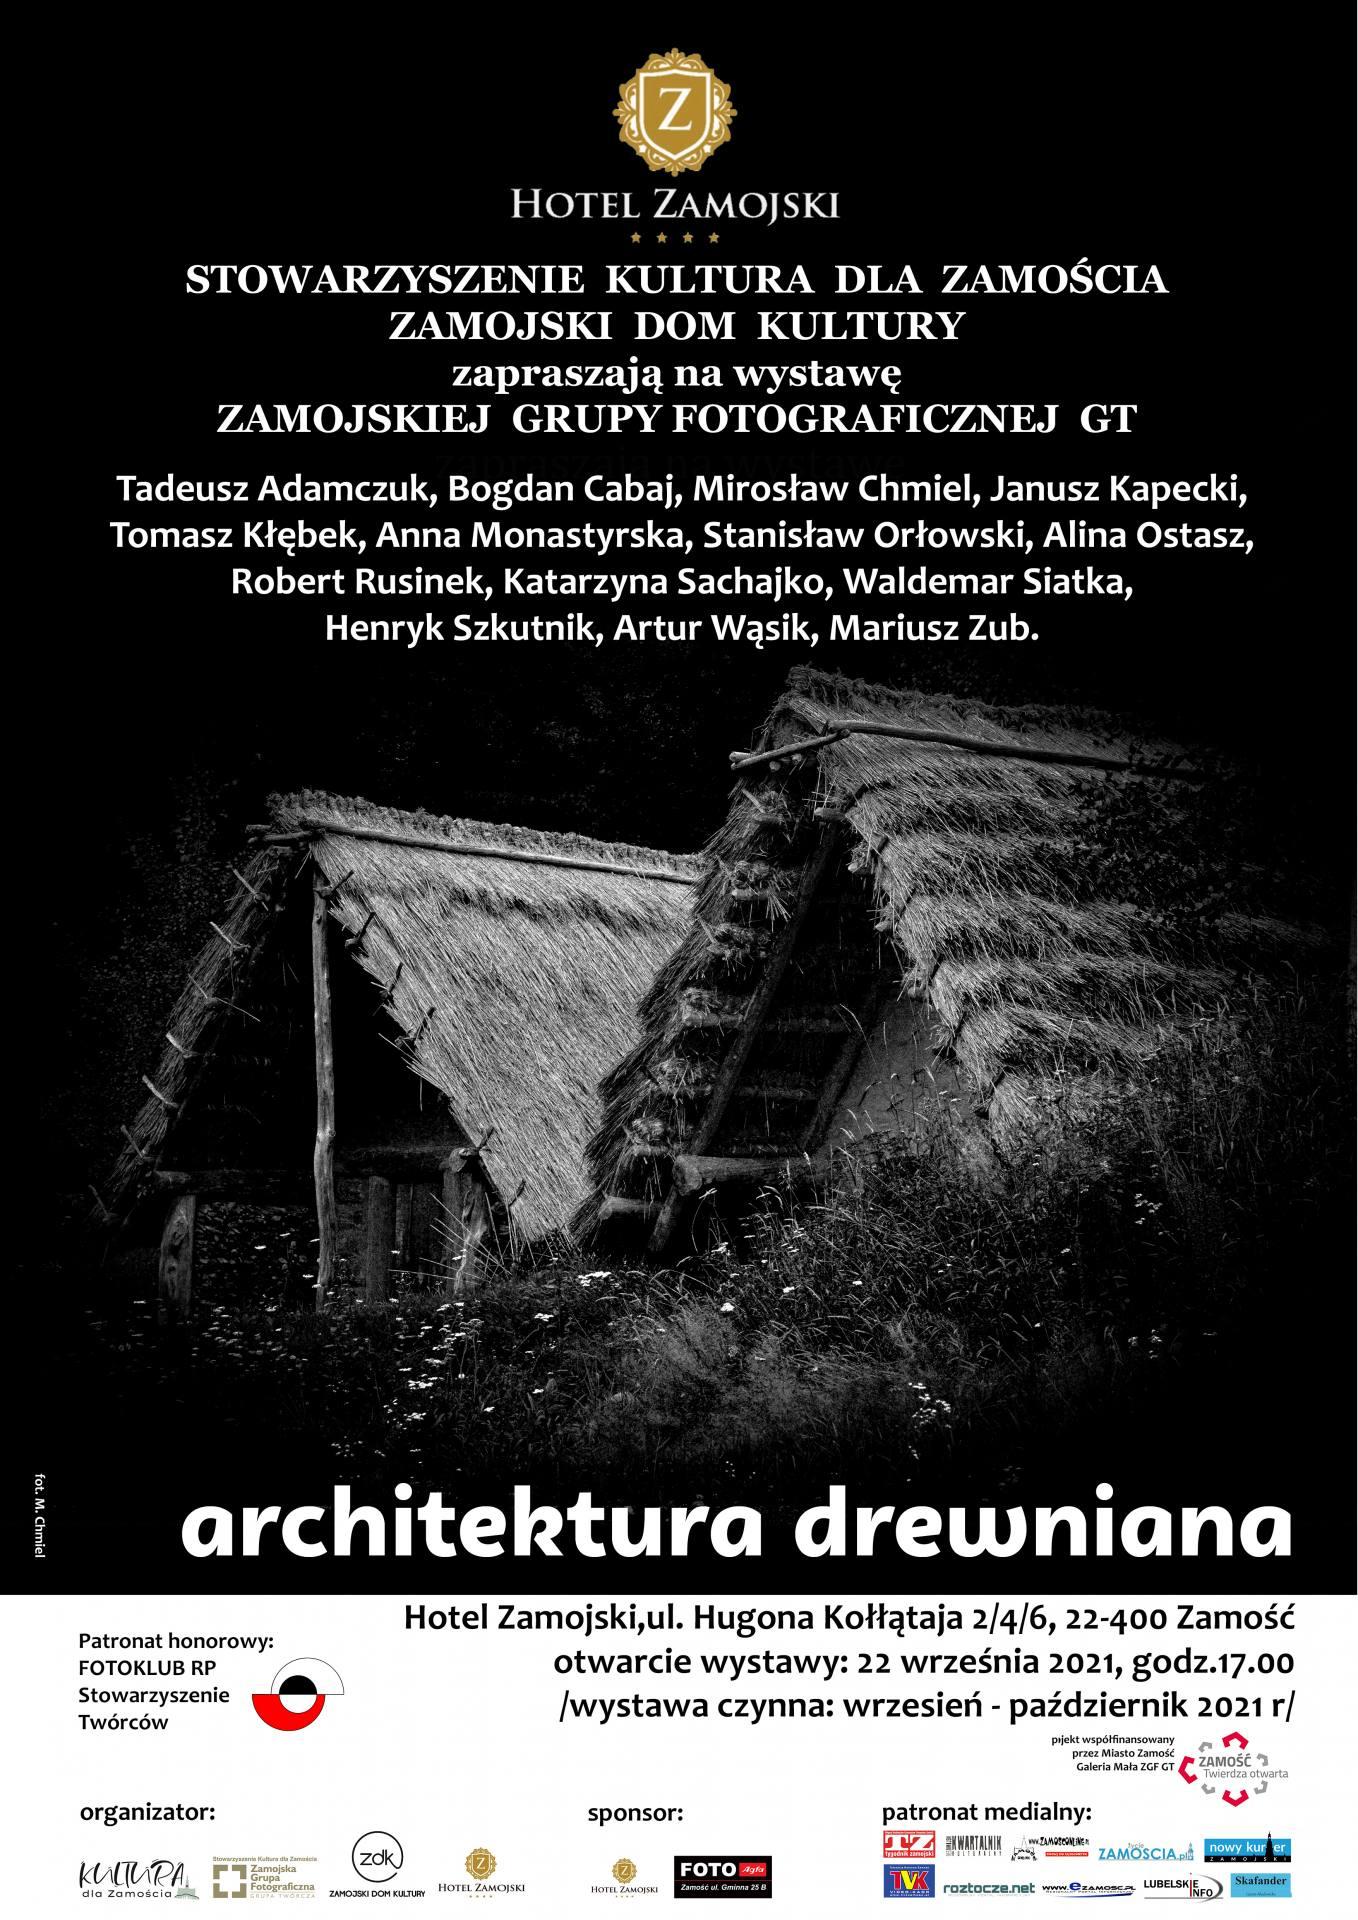 plakat archdrew Architektura drewniana w obiektywie Zamojskiej Grupy Fotograficznej